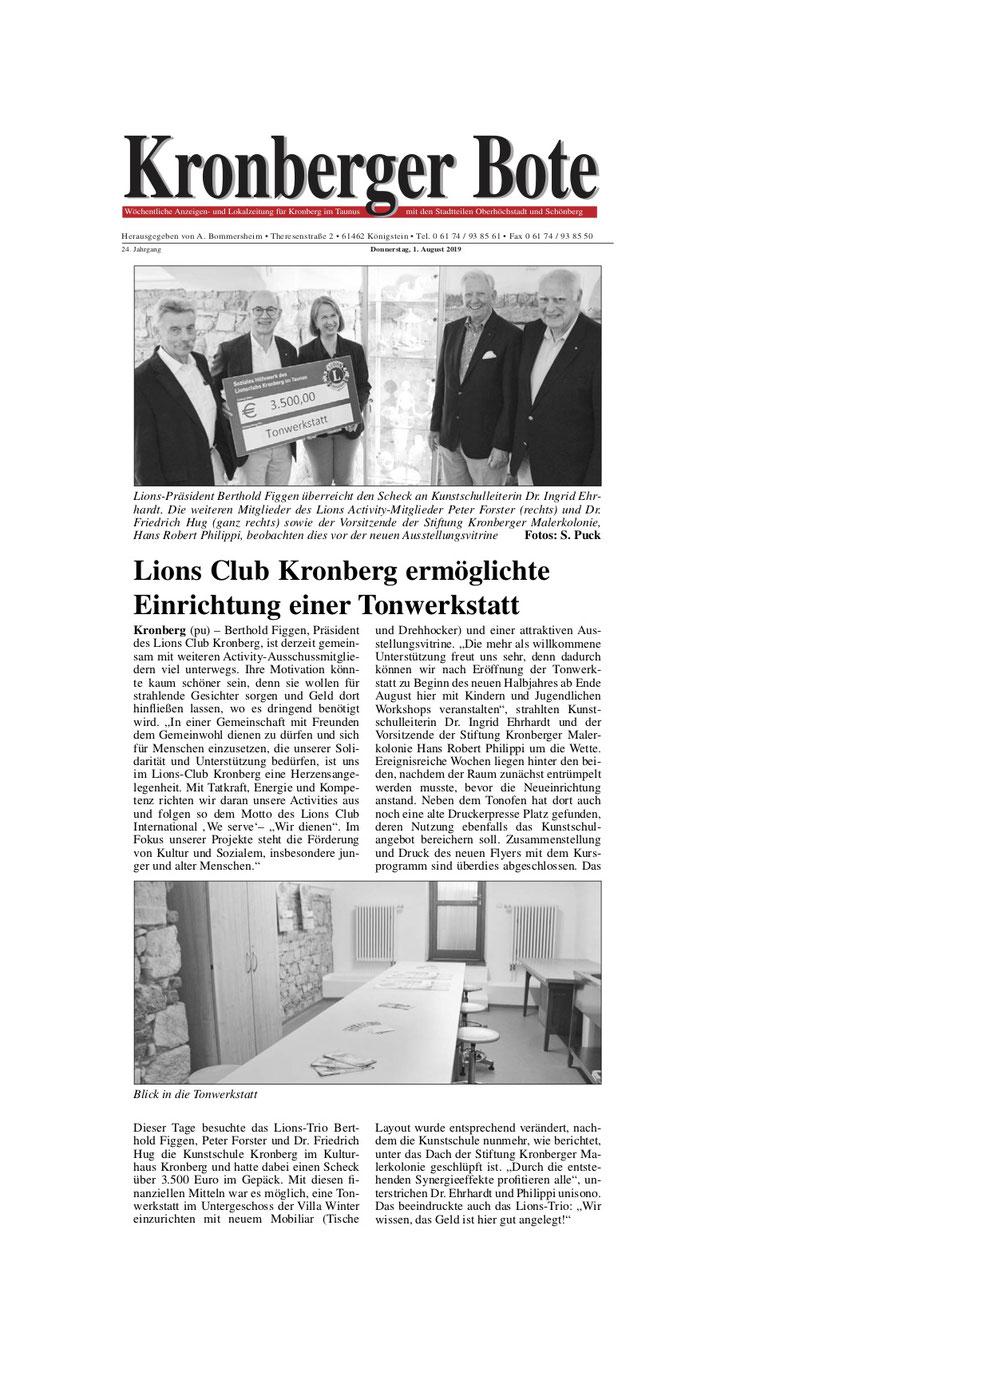 Kronberger Bote Artikel Lions Club Kronberg ermöglichte Einrichtung einer Tonwerkstatt - Lions Kronberg